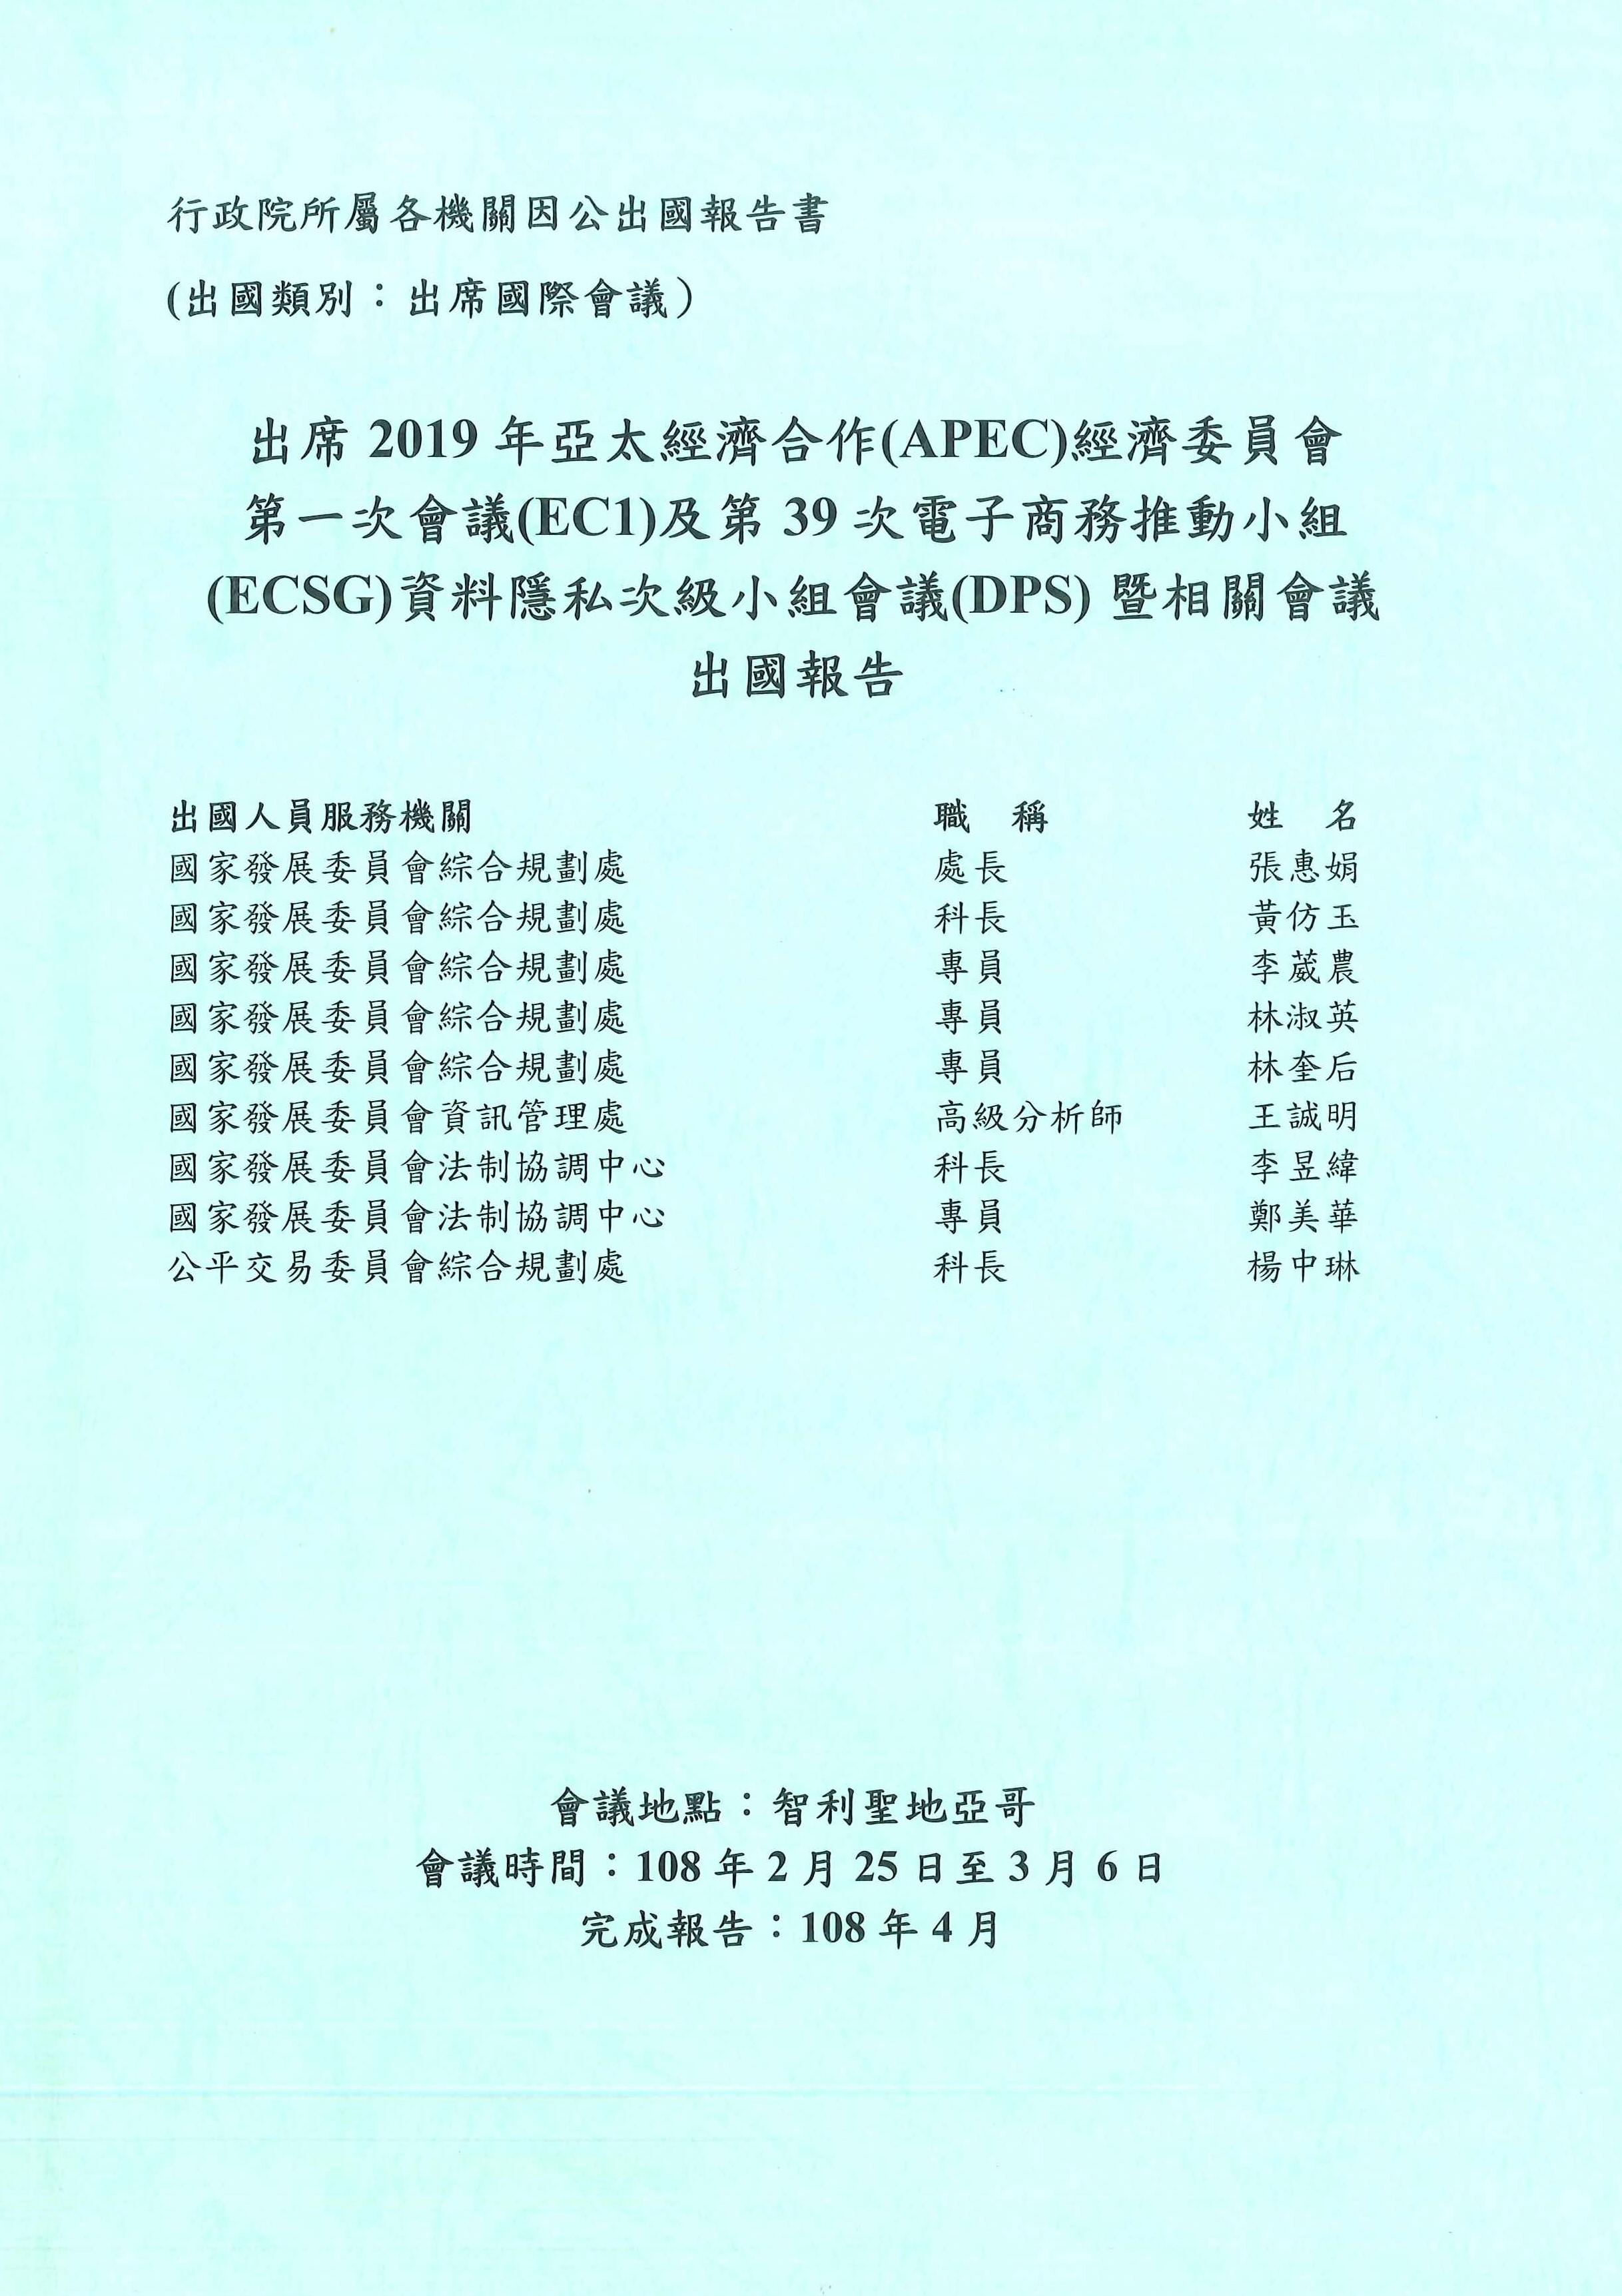 出席2019年亞太經濟合作(APEC)經濟委員會第一次會議(EC1)及第39次電子商務推動小組(ECSG)資料隱私次級小組會議(DPS)暨相關會議出國報告